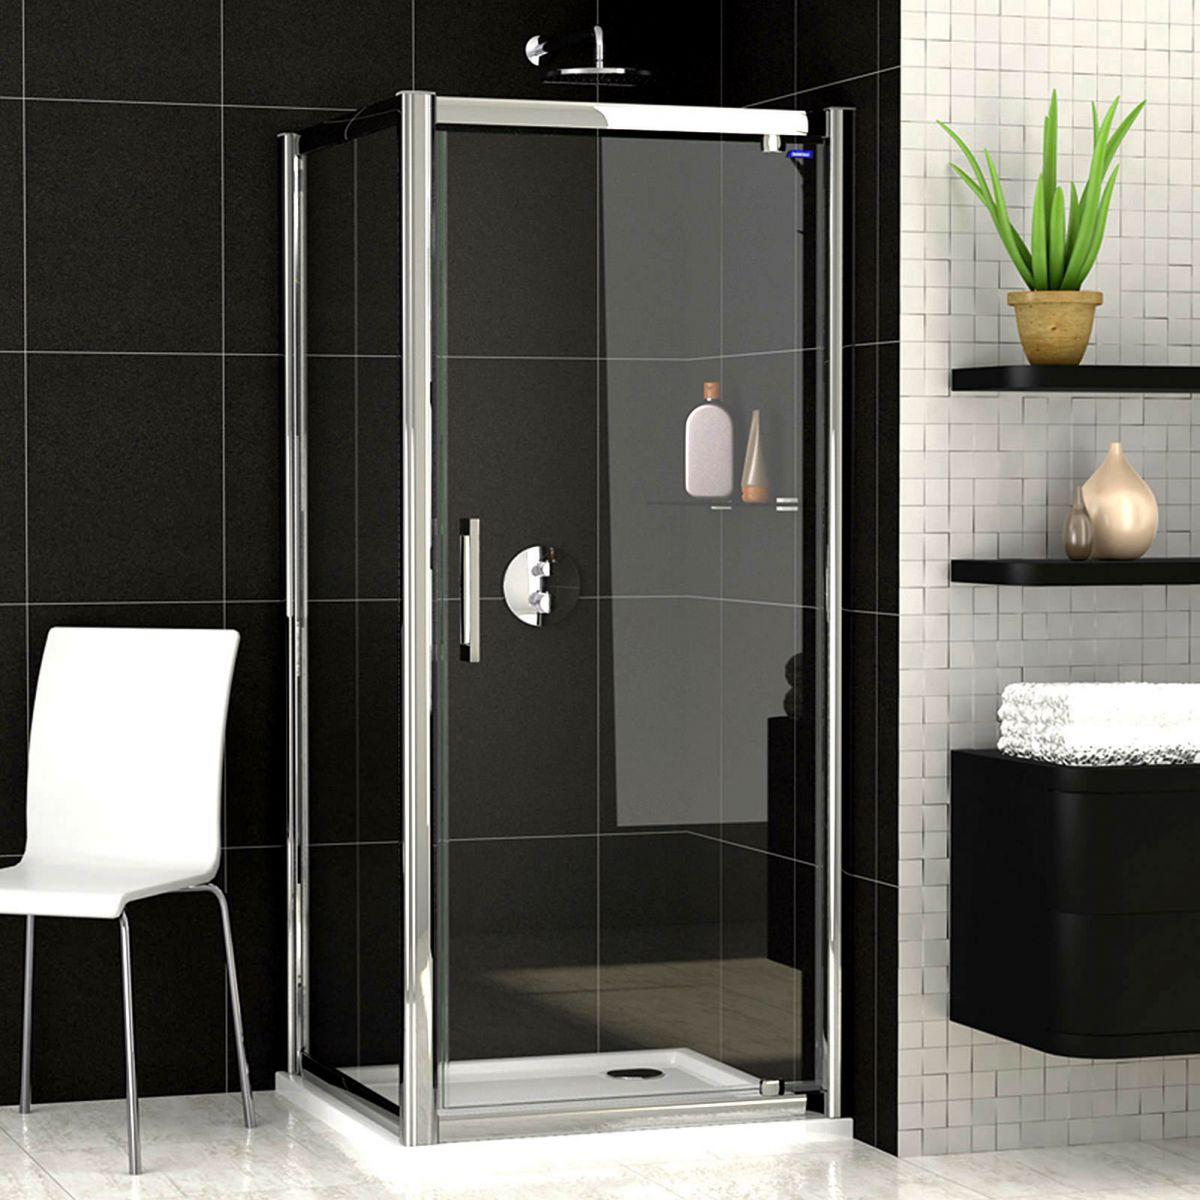 Showerlux legacy pivot door shower enclosure uk bathrooms for 1200 pivot shower door